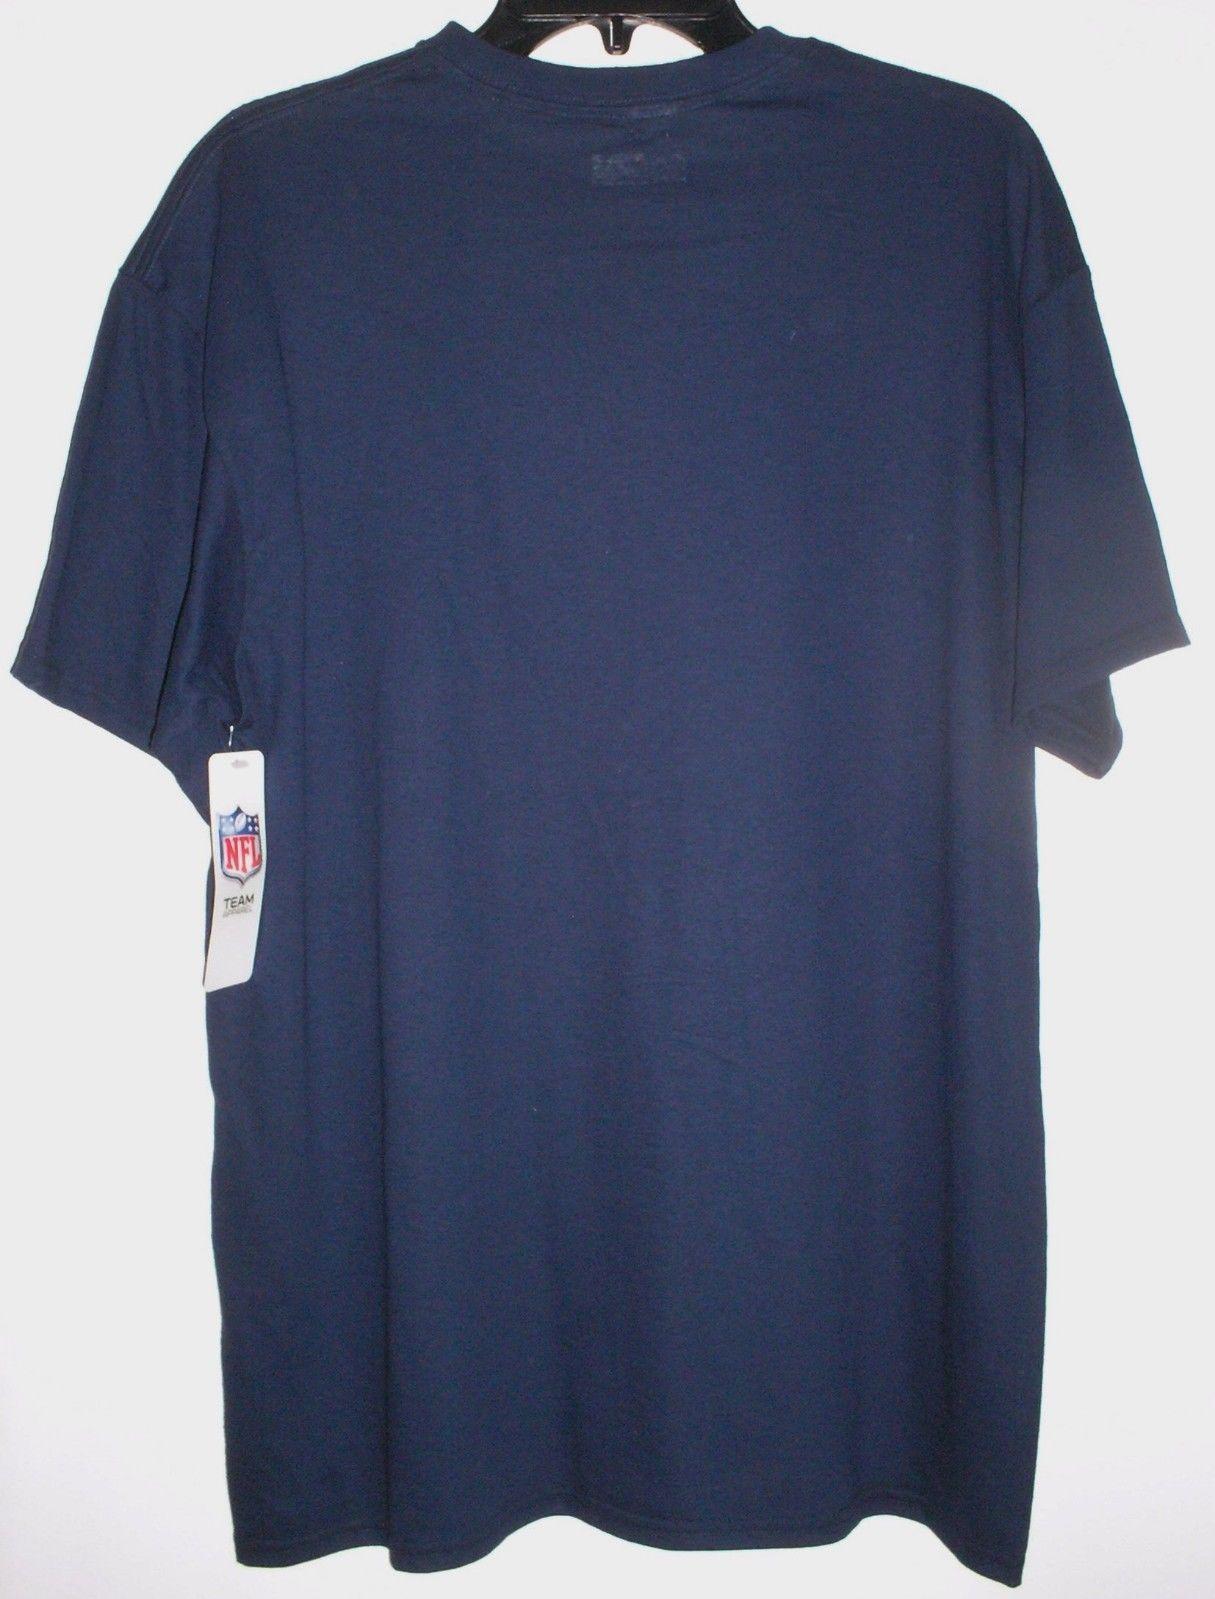 Denver Broncos NFL Football Short Sleeve T-Shirt Navy Mens Medium image 3